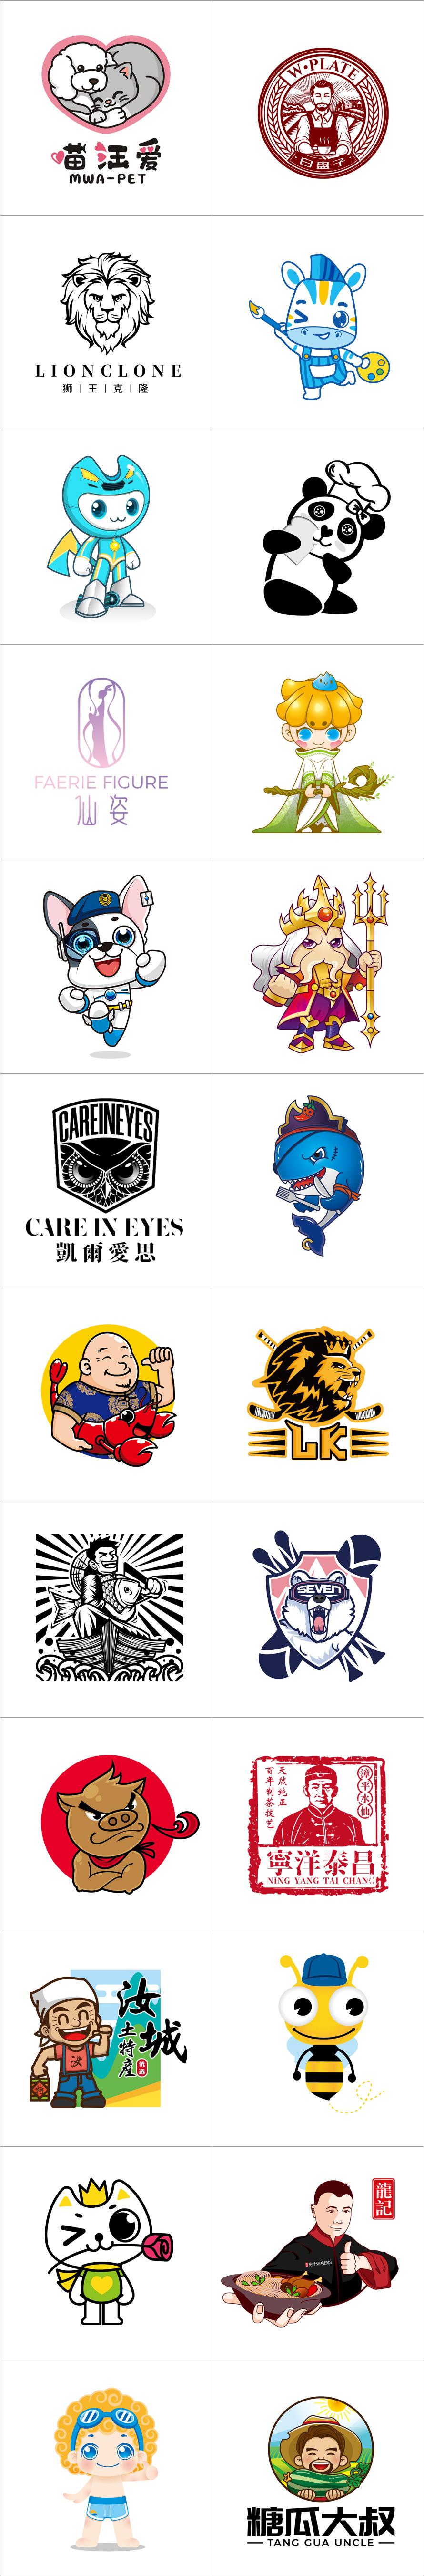 _手绘公司IP吉祥物卡通形象logo设计人物公仔设计插画可注册10